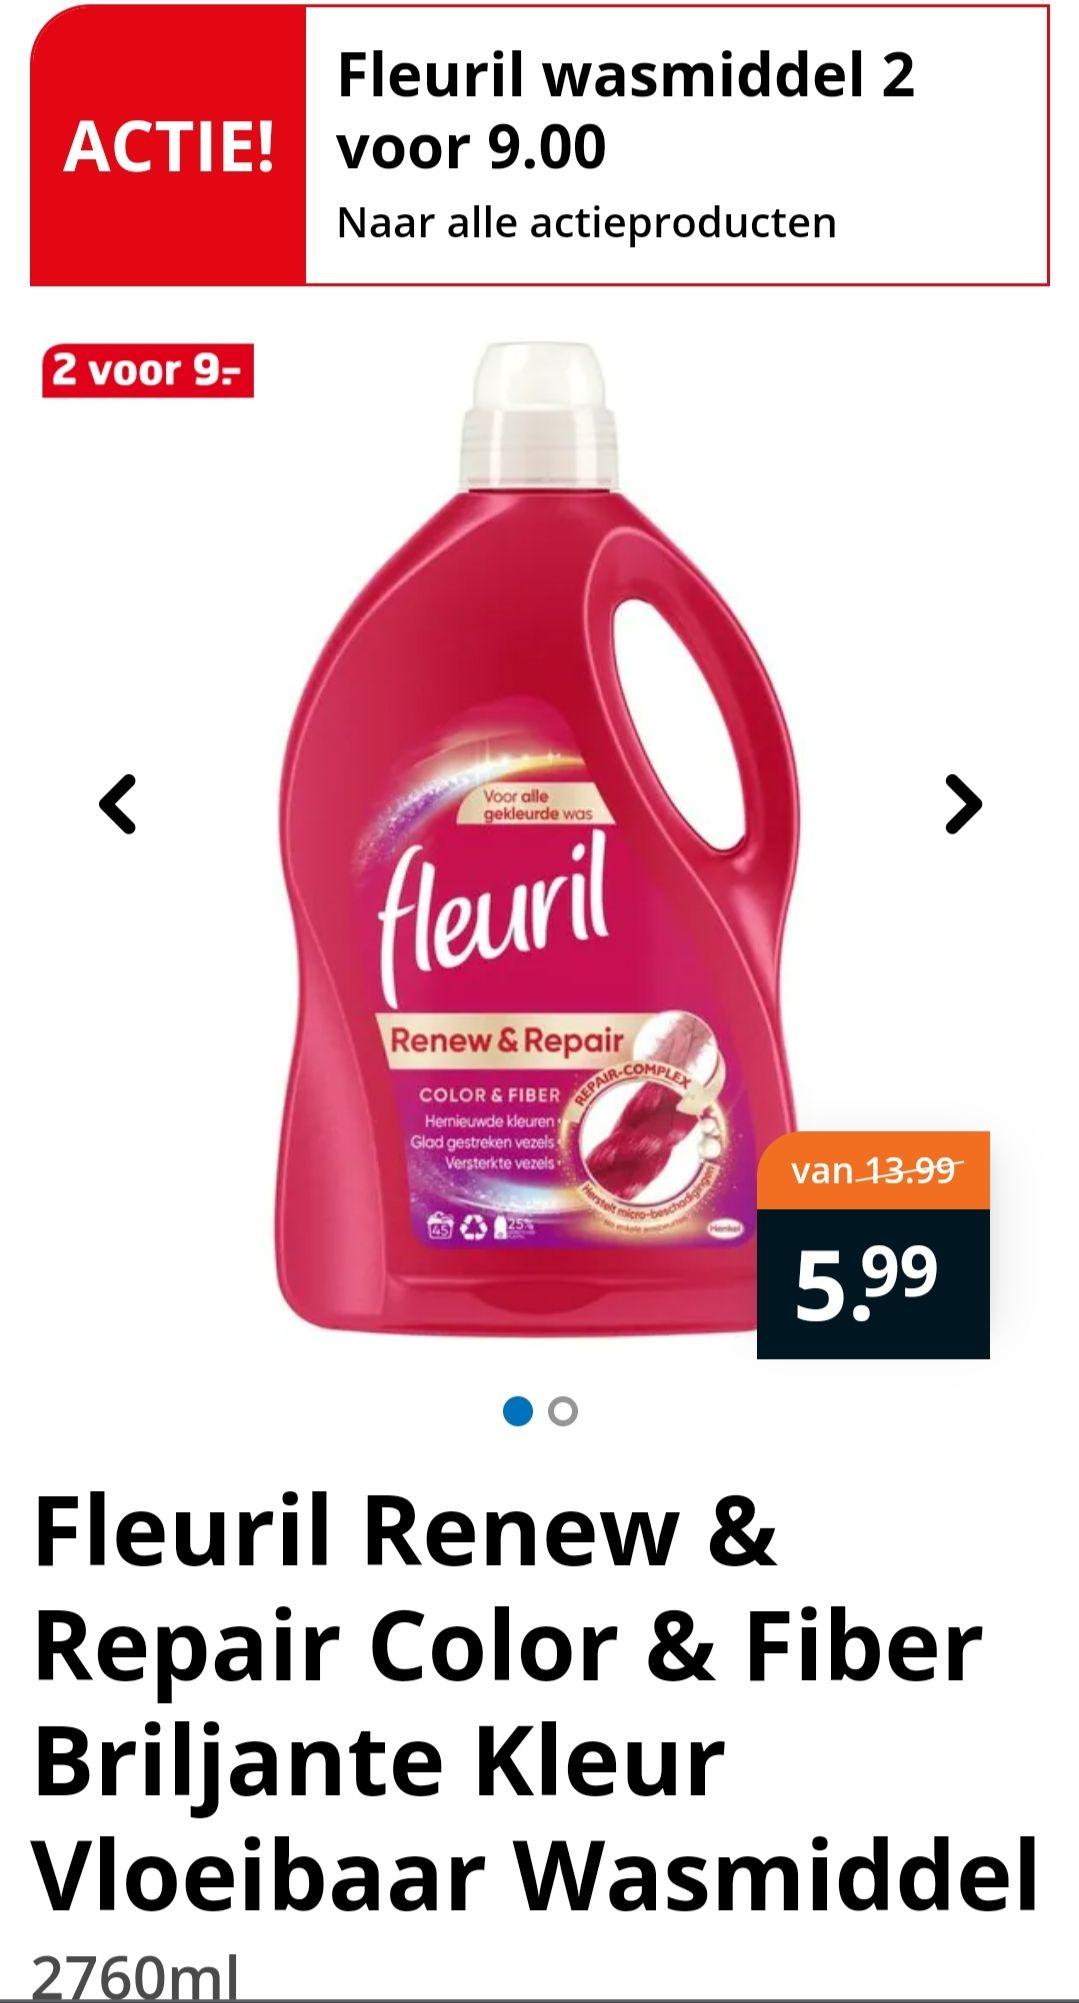 Fleuril wasmiddel 2 voor €9 @Trekpleister